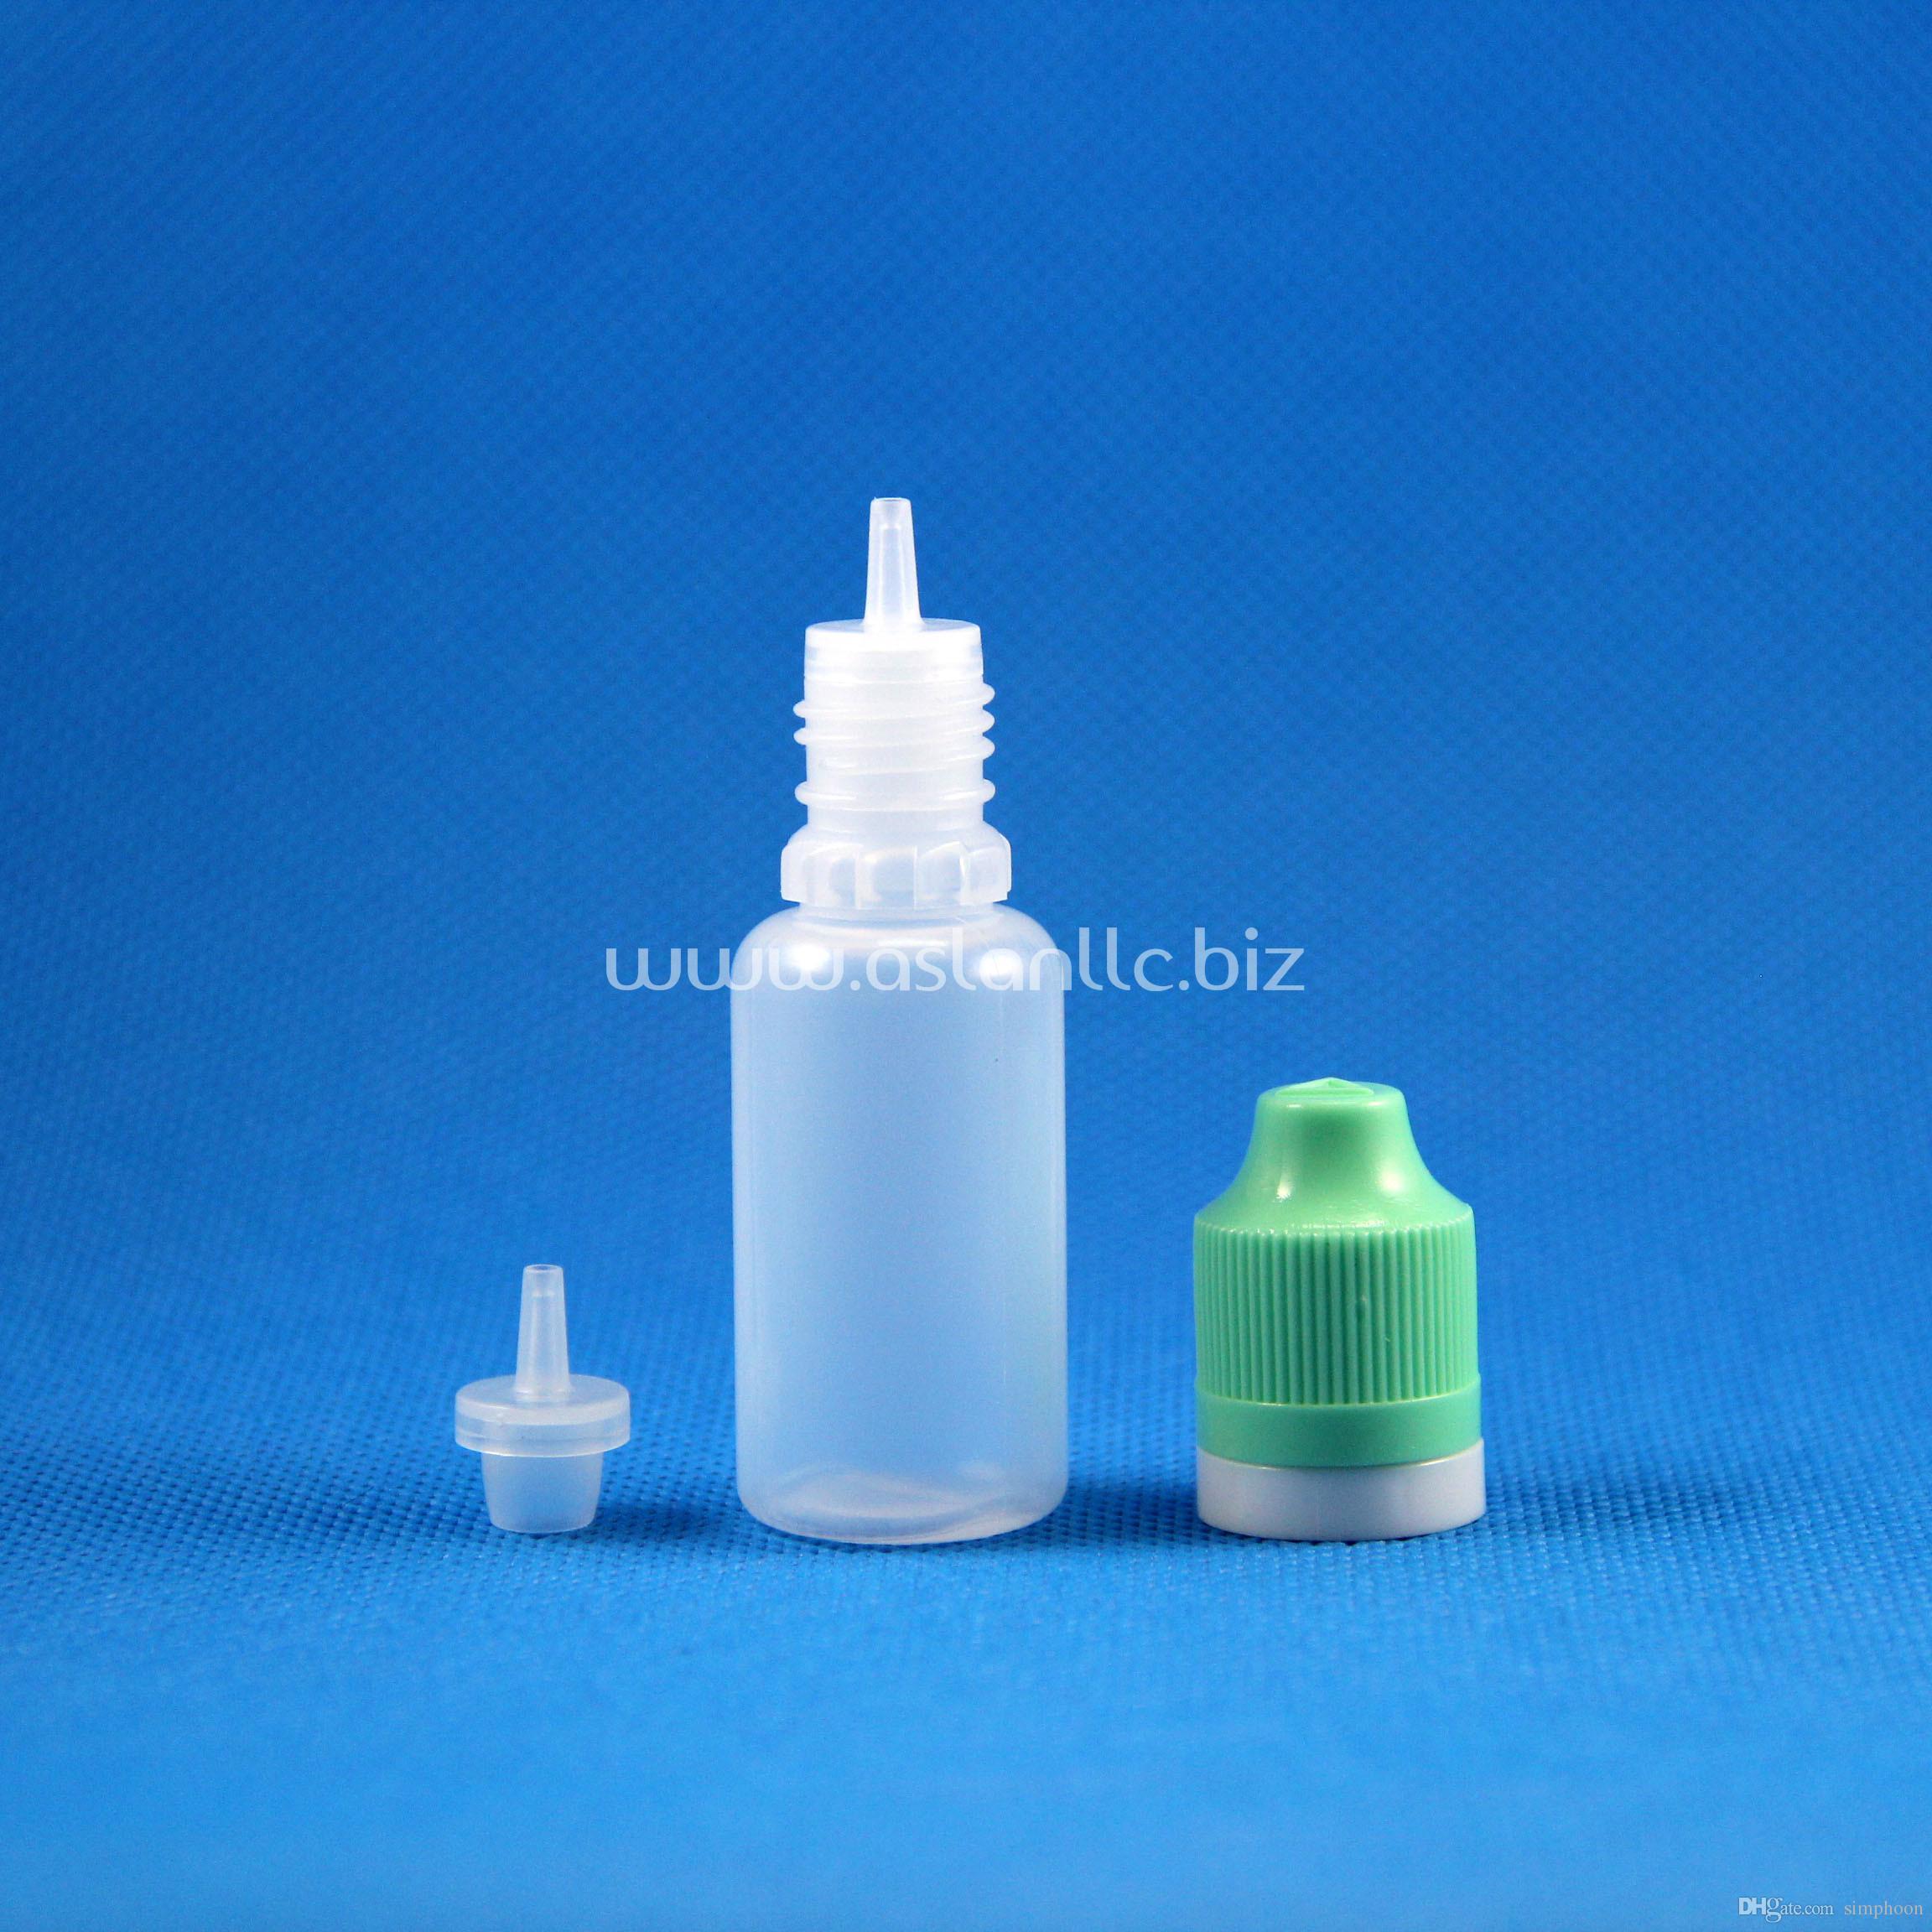 100 세트 / 로트 15ml 플라스틱 스포이드 병 탬퍼 뚜렷한 어린이 이중 증명 모자 롱 씬 바늘 팁 e 수증기 액 액체 15 mL